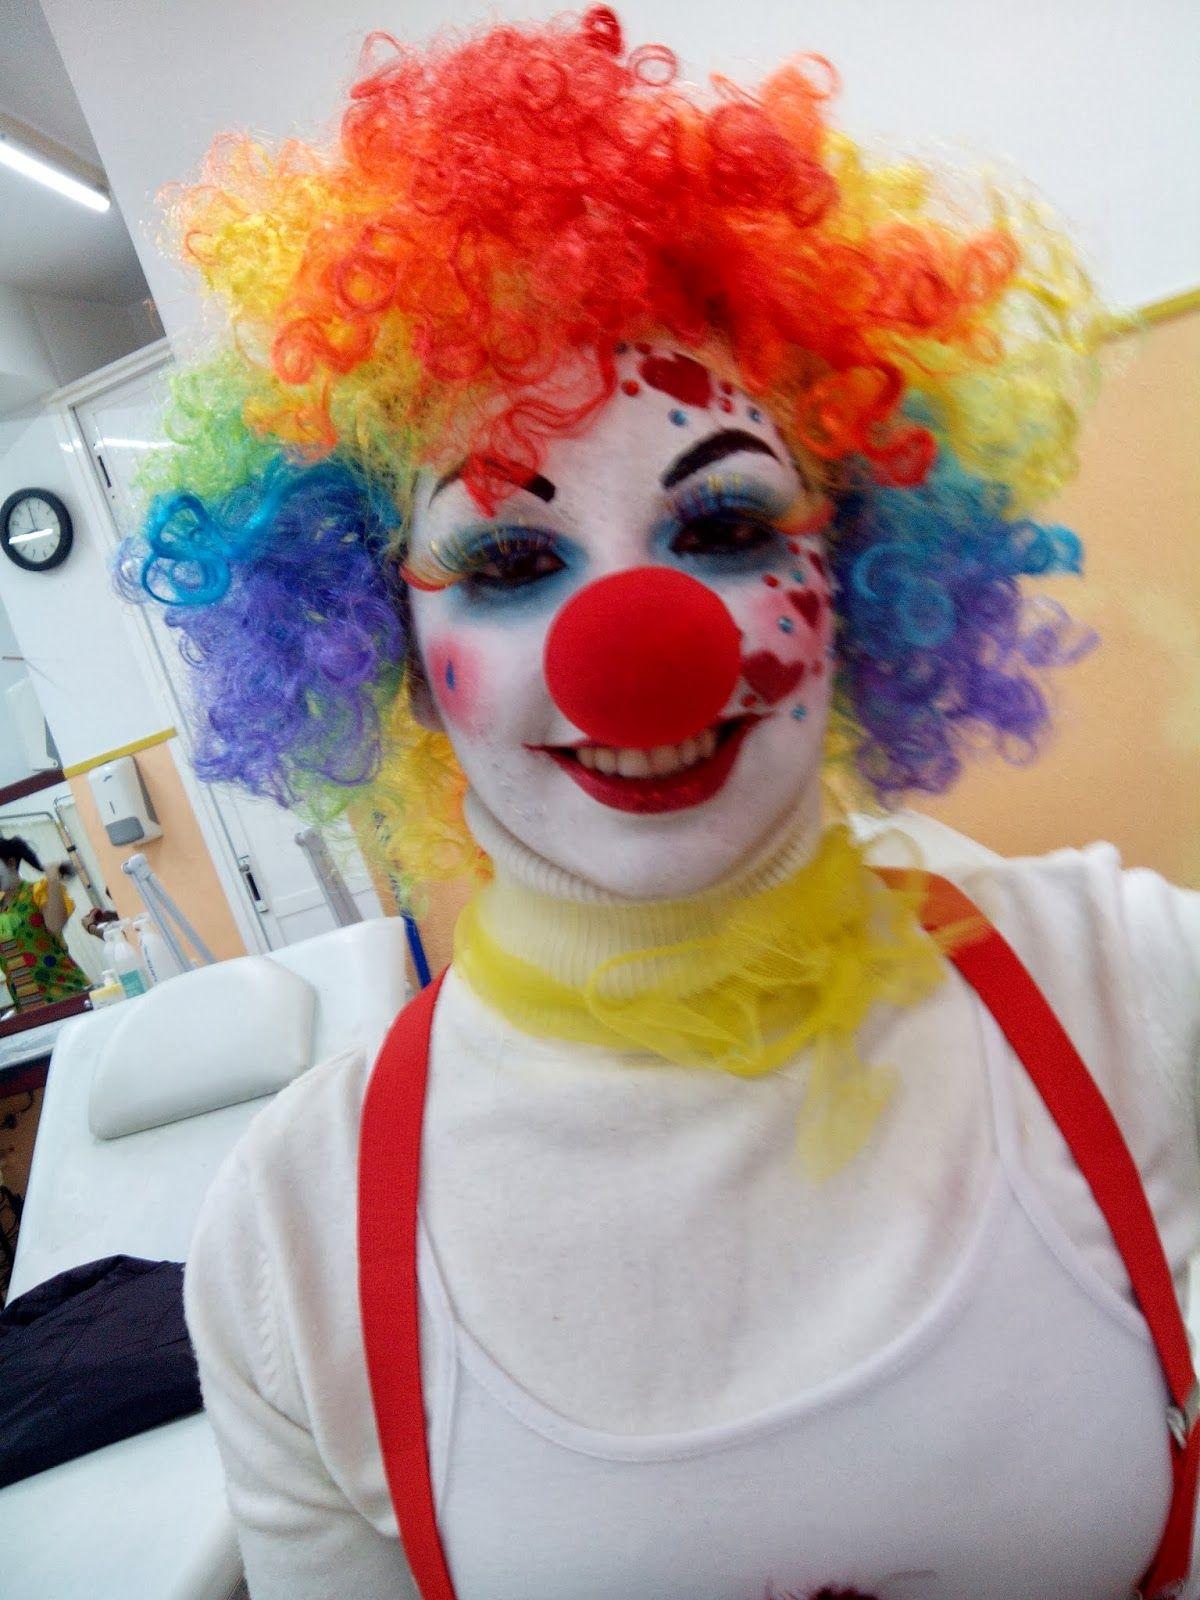 Pin by Bondan Dwi on Clowns | Cute clown, Female clown